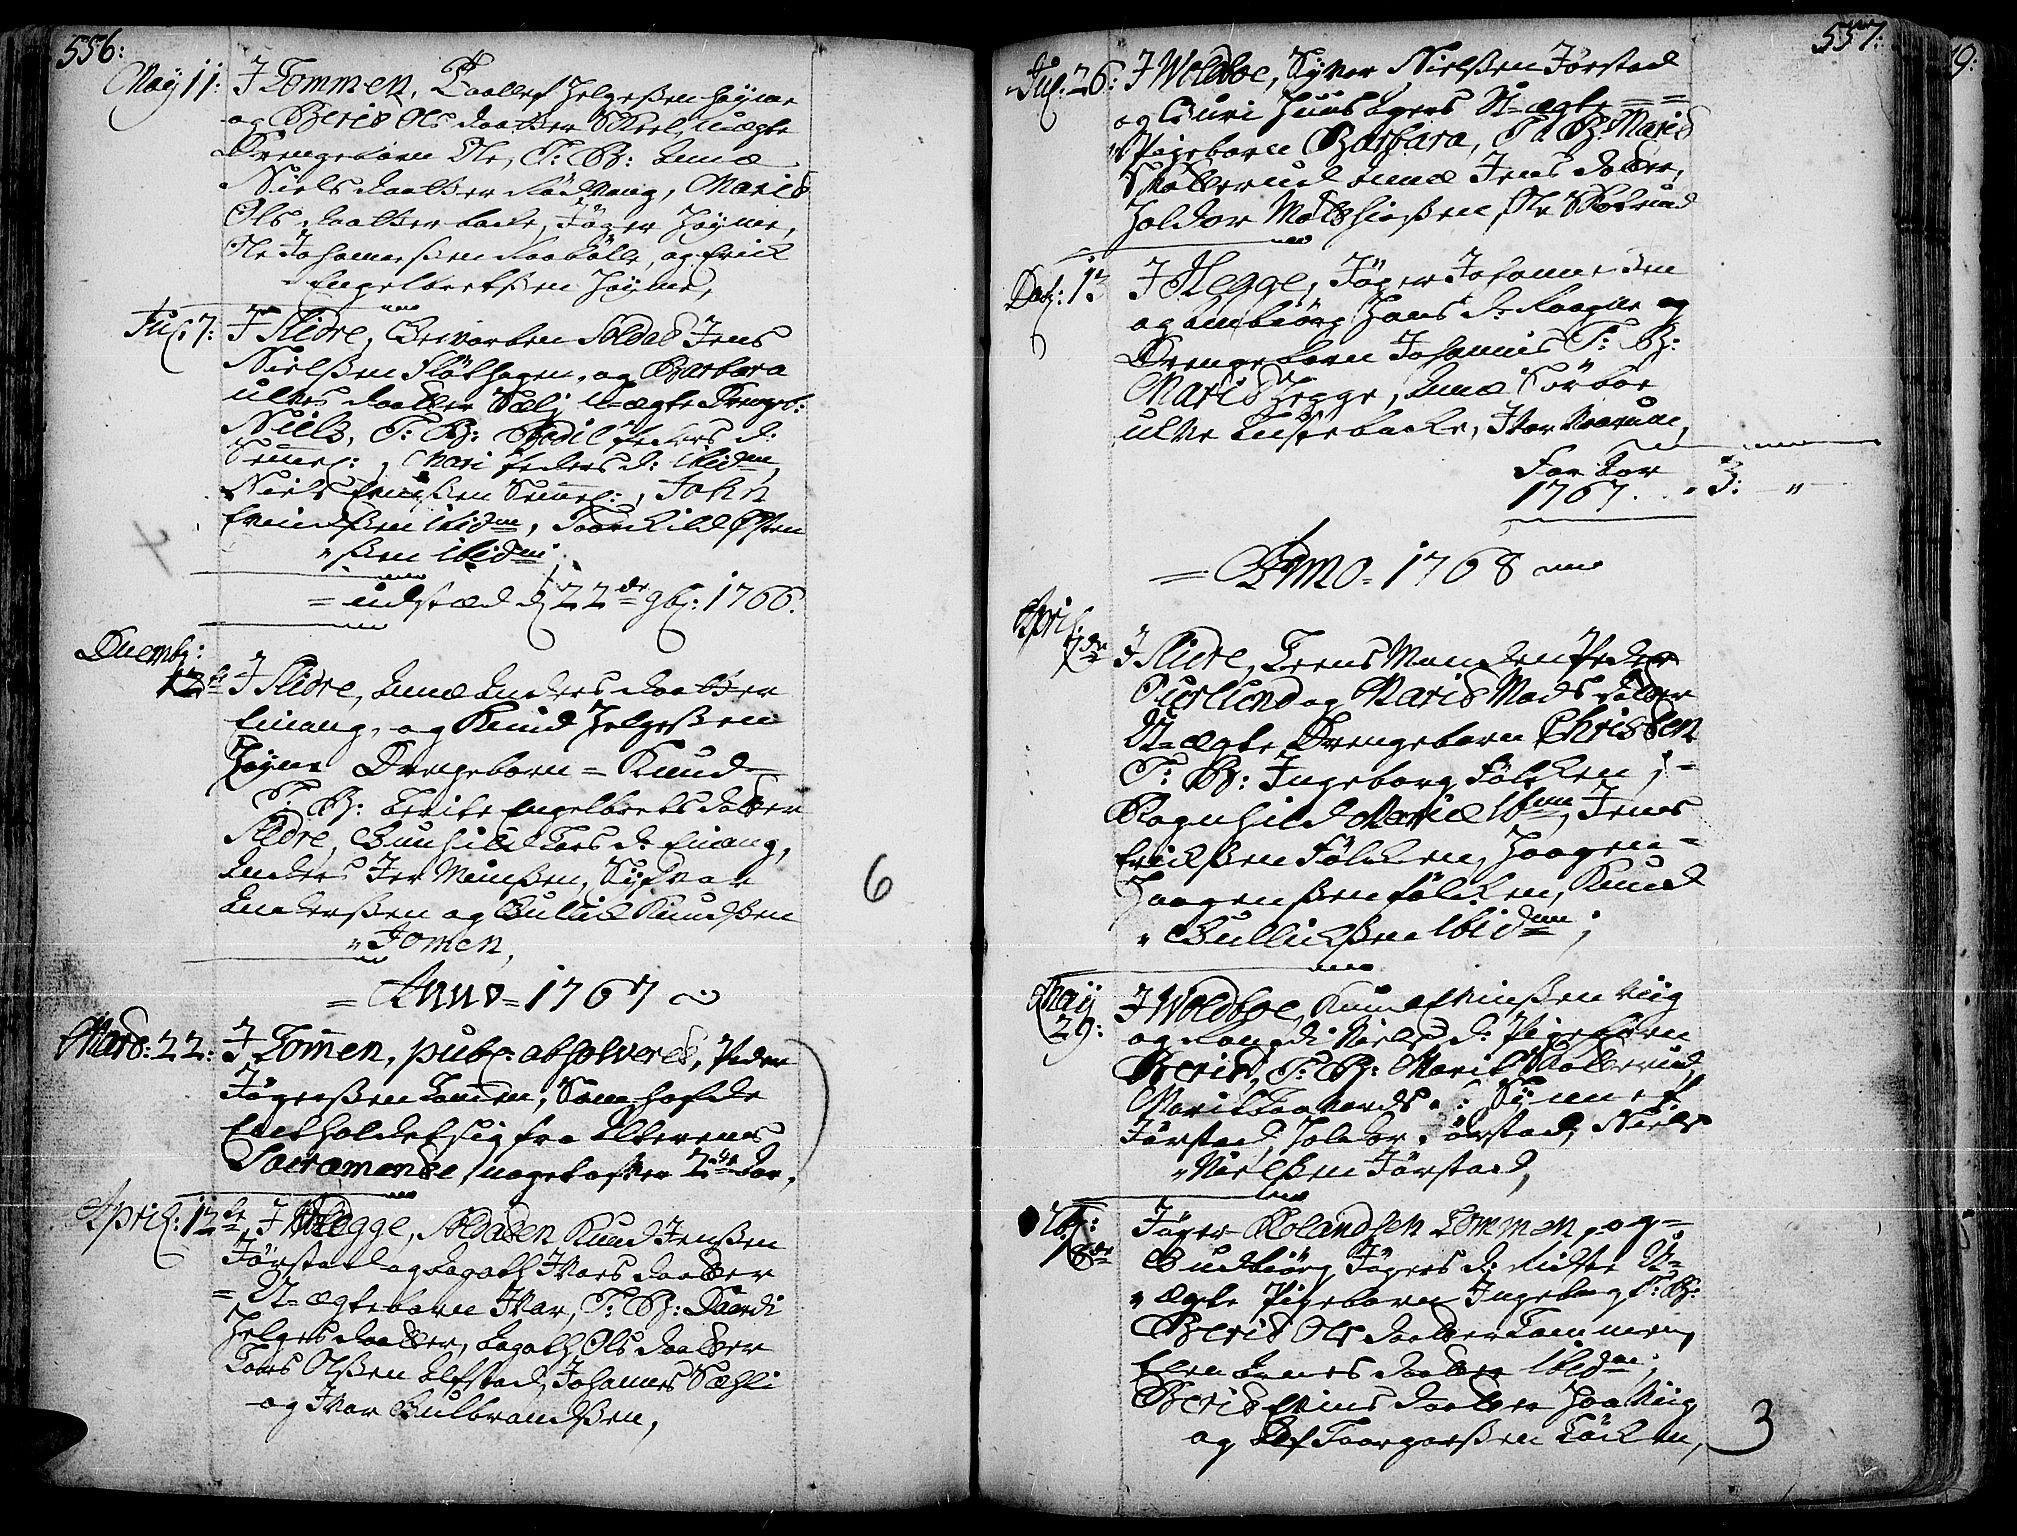 SAH, Slidre prestekontor, Ministerialbok nr. 1, 1724-1814, s. 556-557